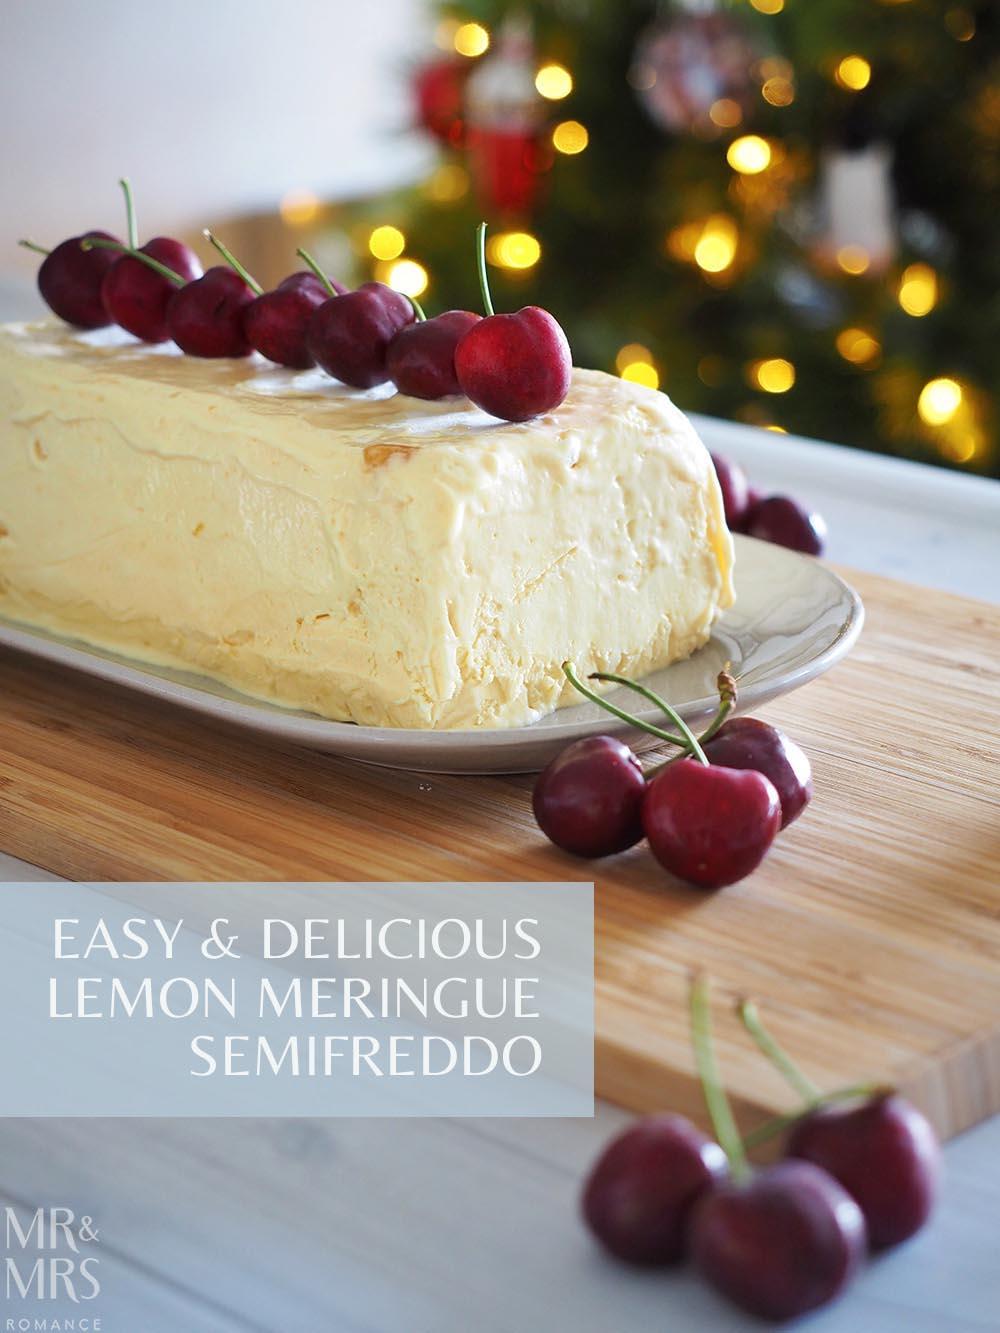 Lemon Meringue Semifreddo Recipe